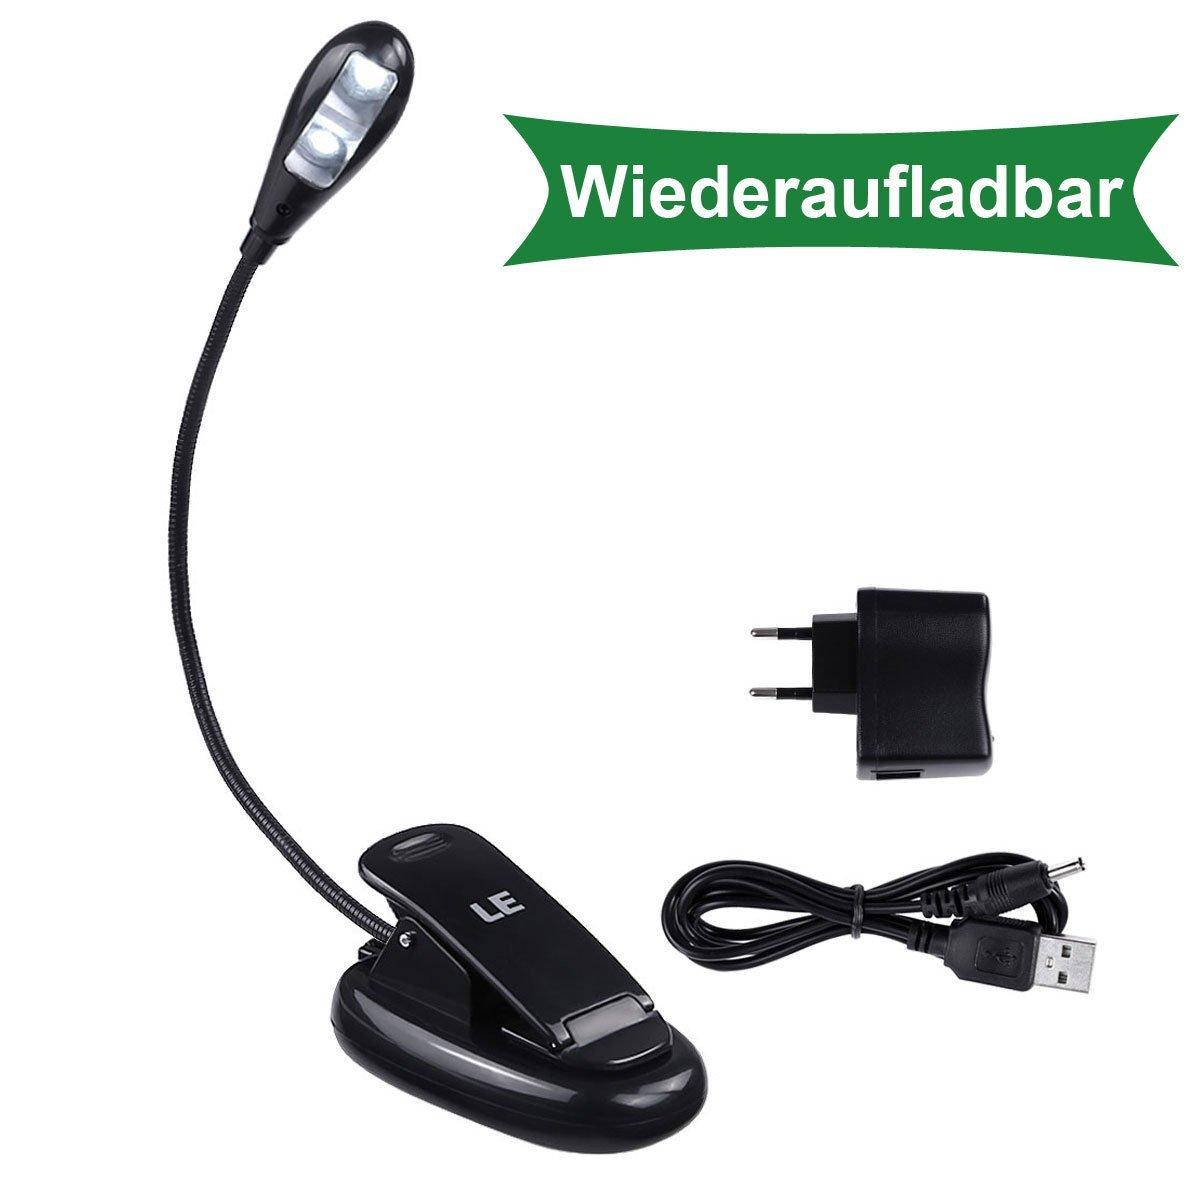 LED Klemmleuchte, 18 Lumen Notenpultleuchte, 2 Modi, USB Aufladebar, Kaltweiß